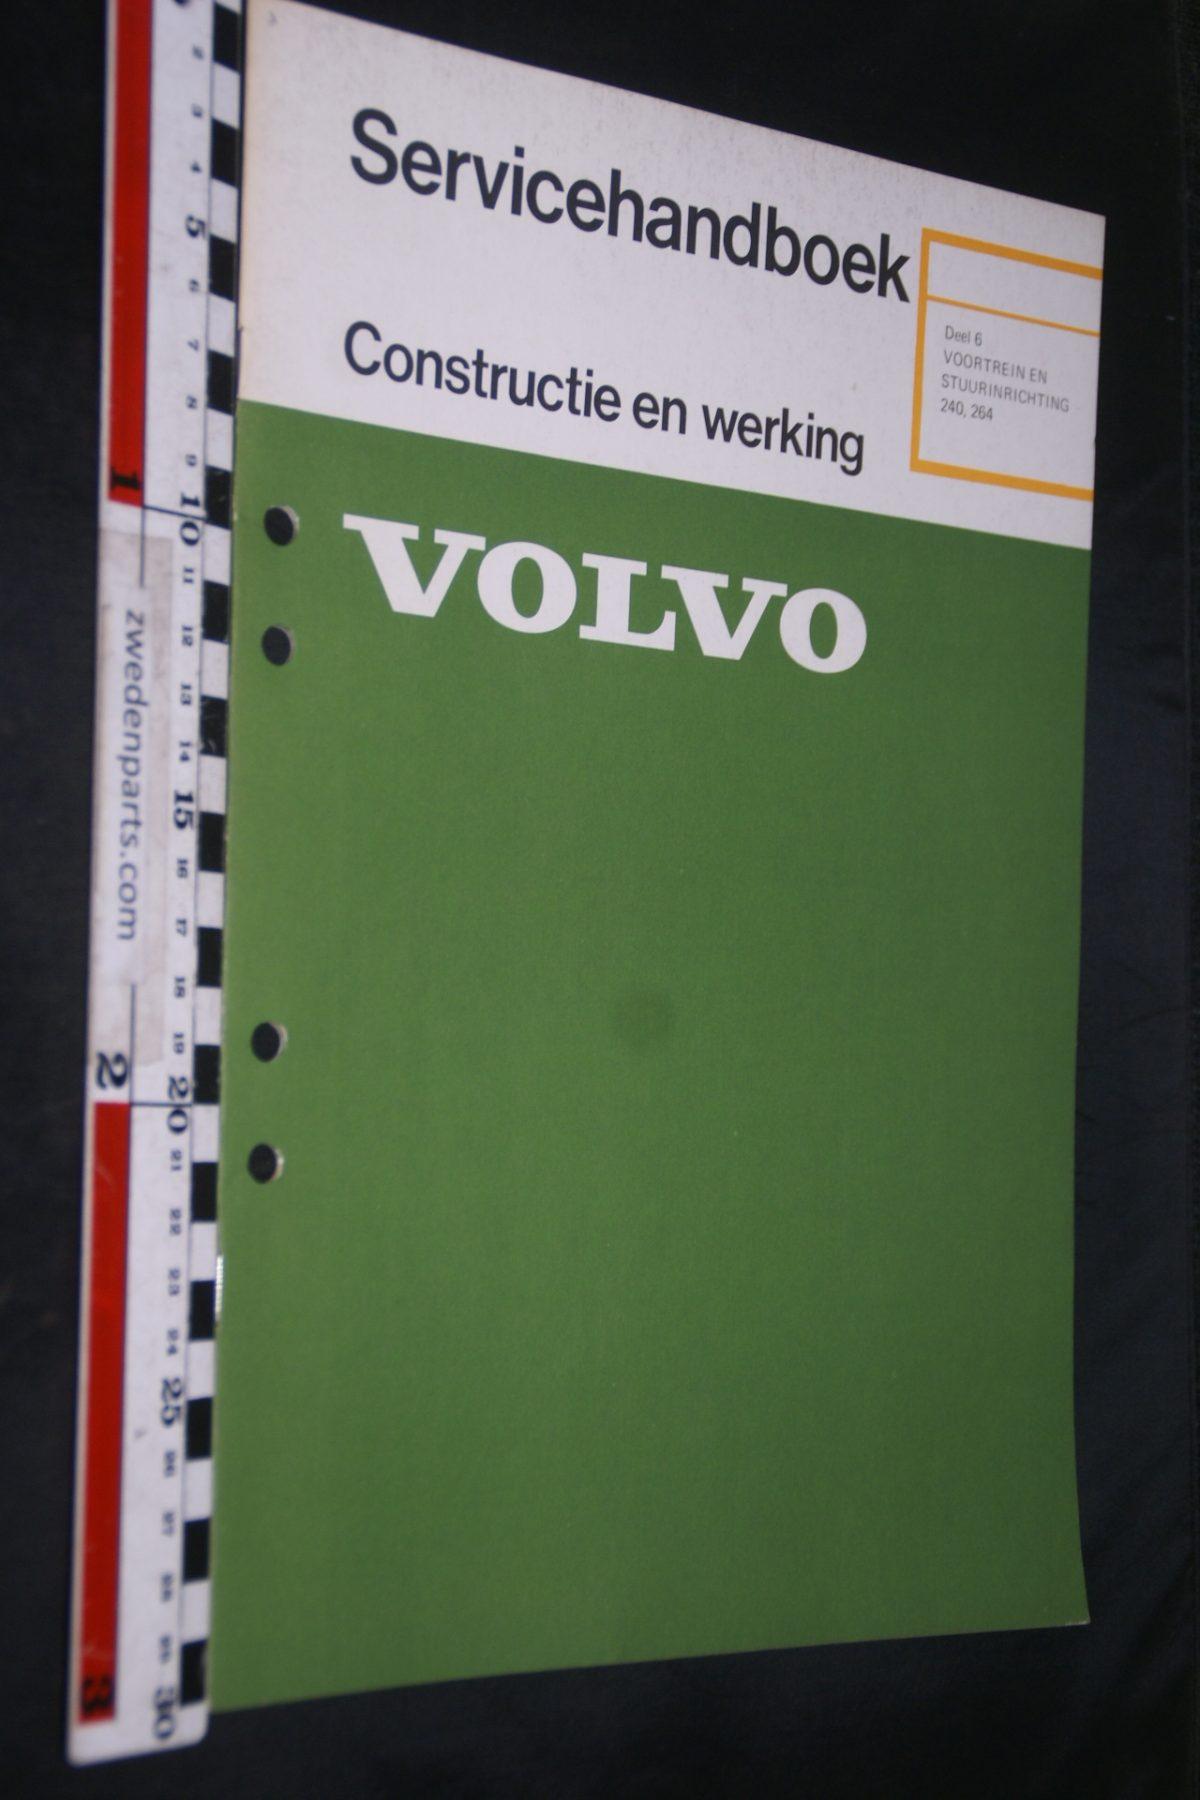 DSC06725 1974 origineel Volvo 240, 260 servicehandboek 6 voortrein en stuurinrichting 1 van 500 TP 11005-1